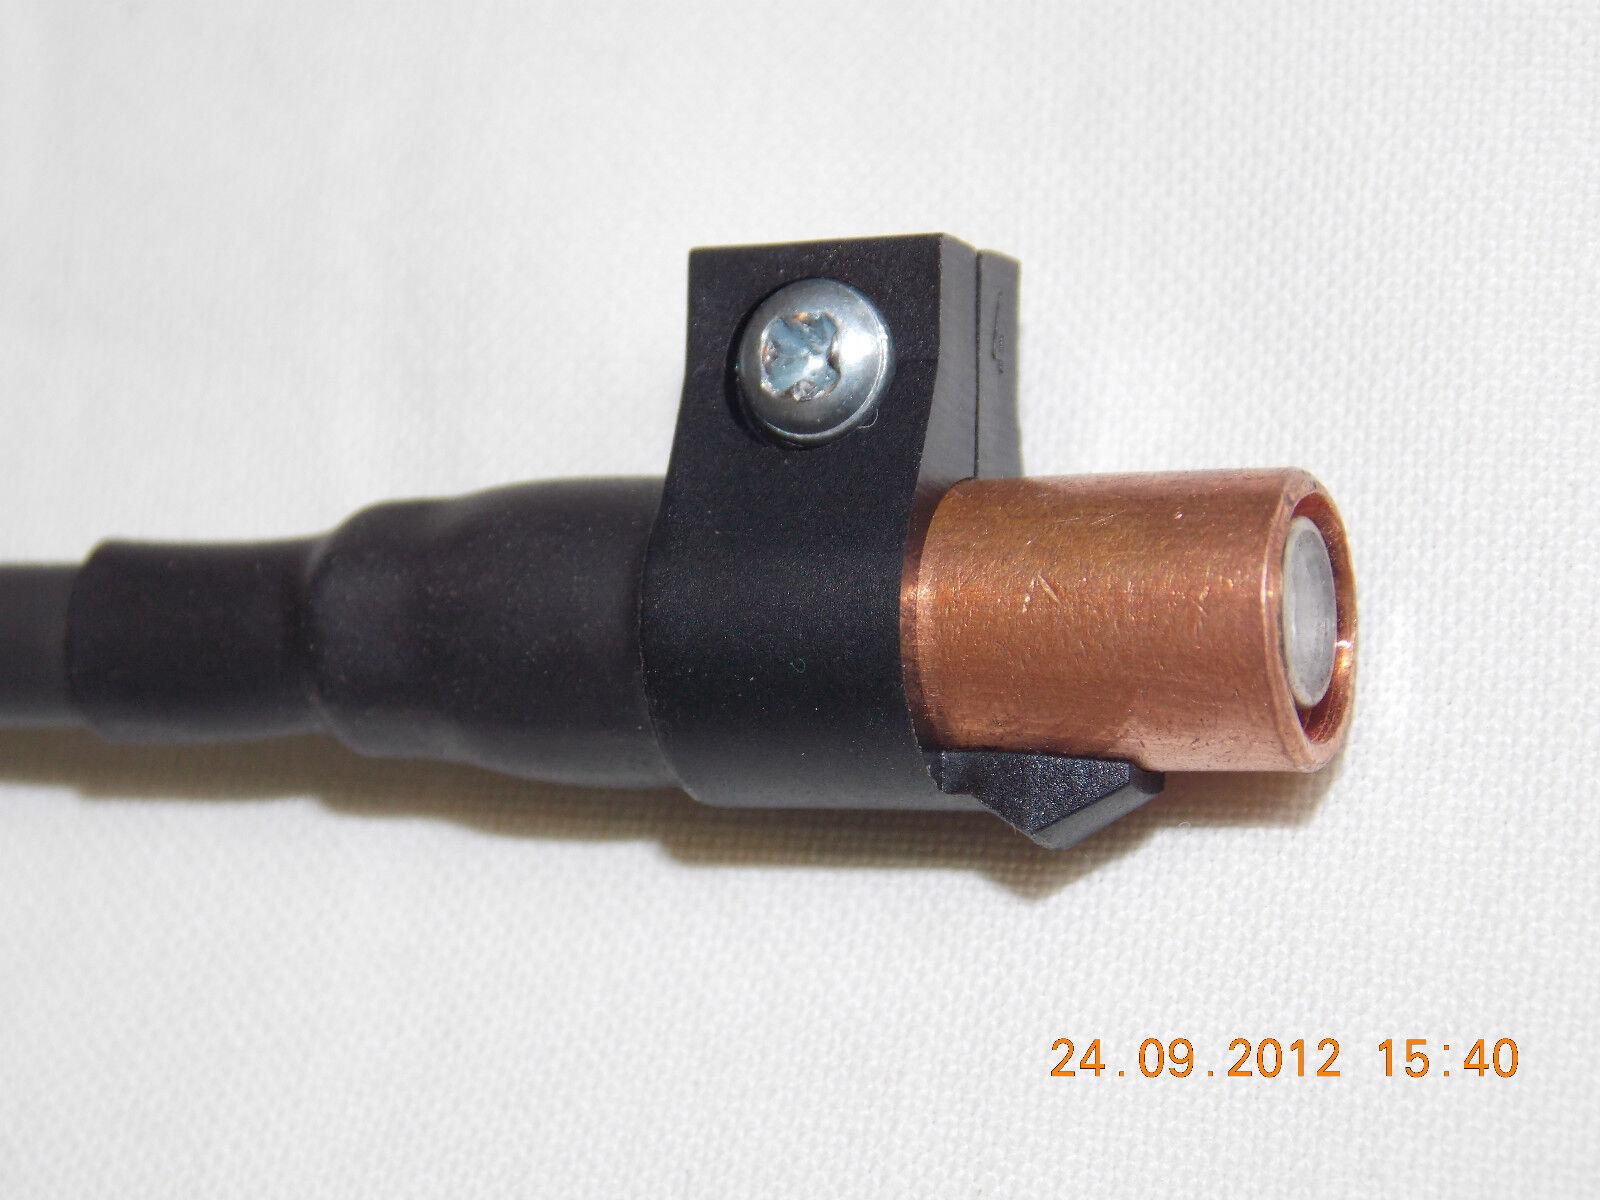 Flammenfühler, Lichtsensor für  Pelletbrenner Pelletheizung Biomassekessel